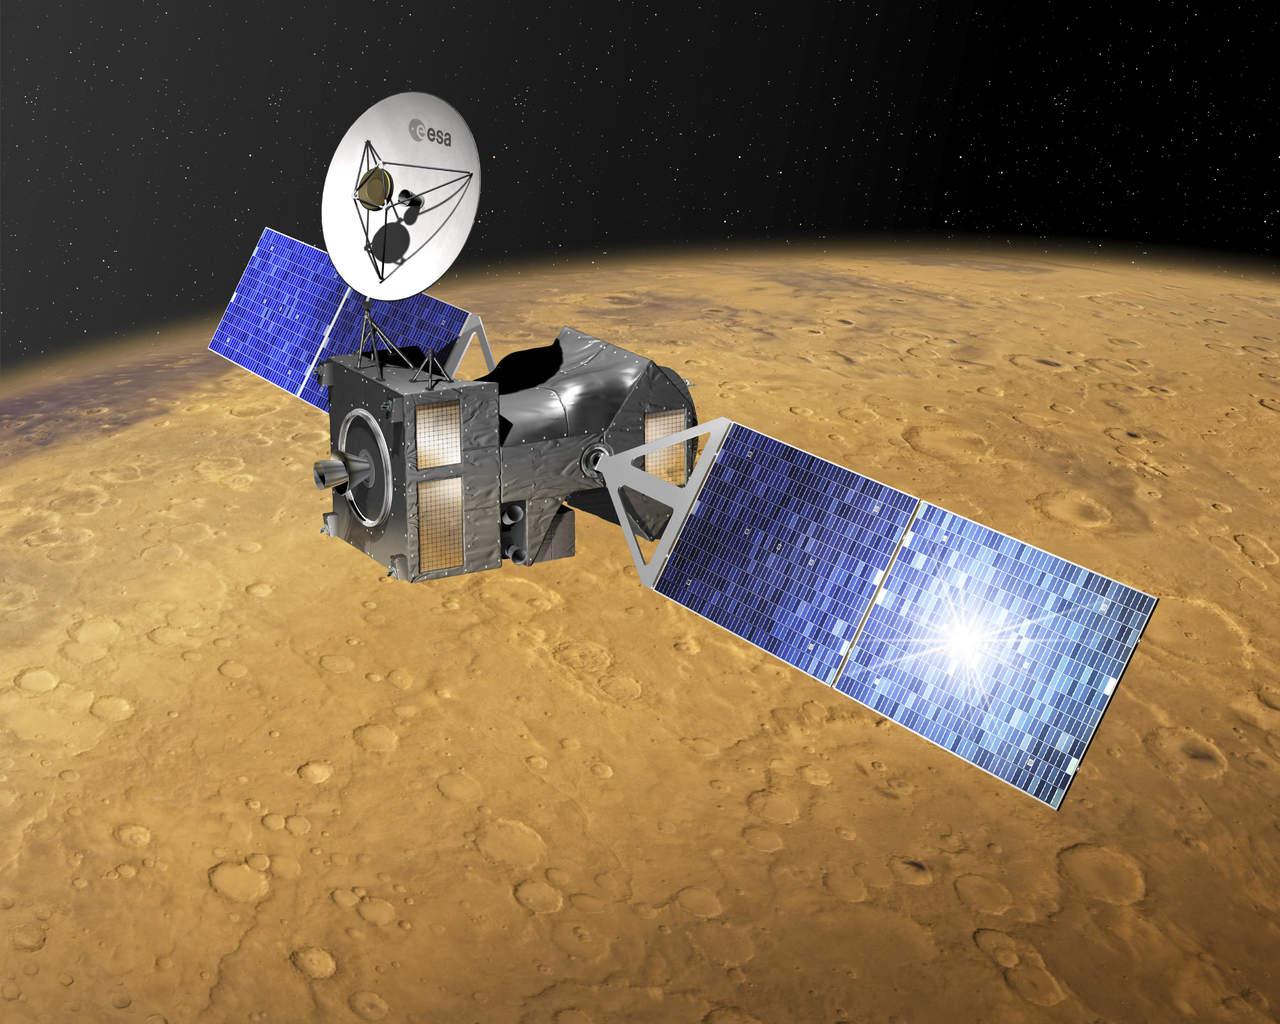 Colonización de Marte reviviría viejos dilemas éticos en el ser humano